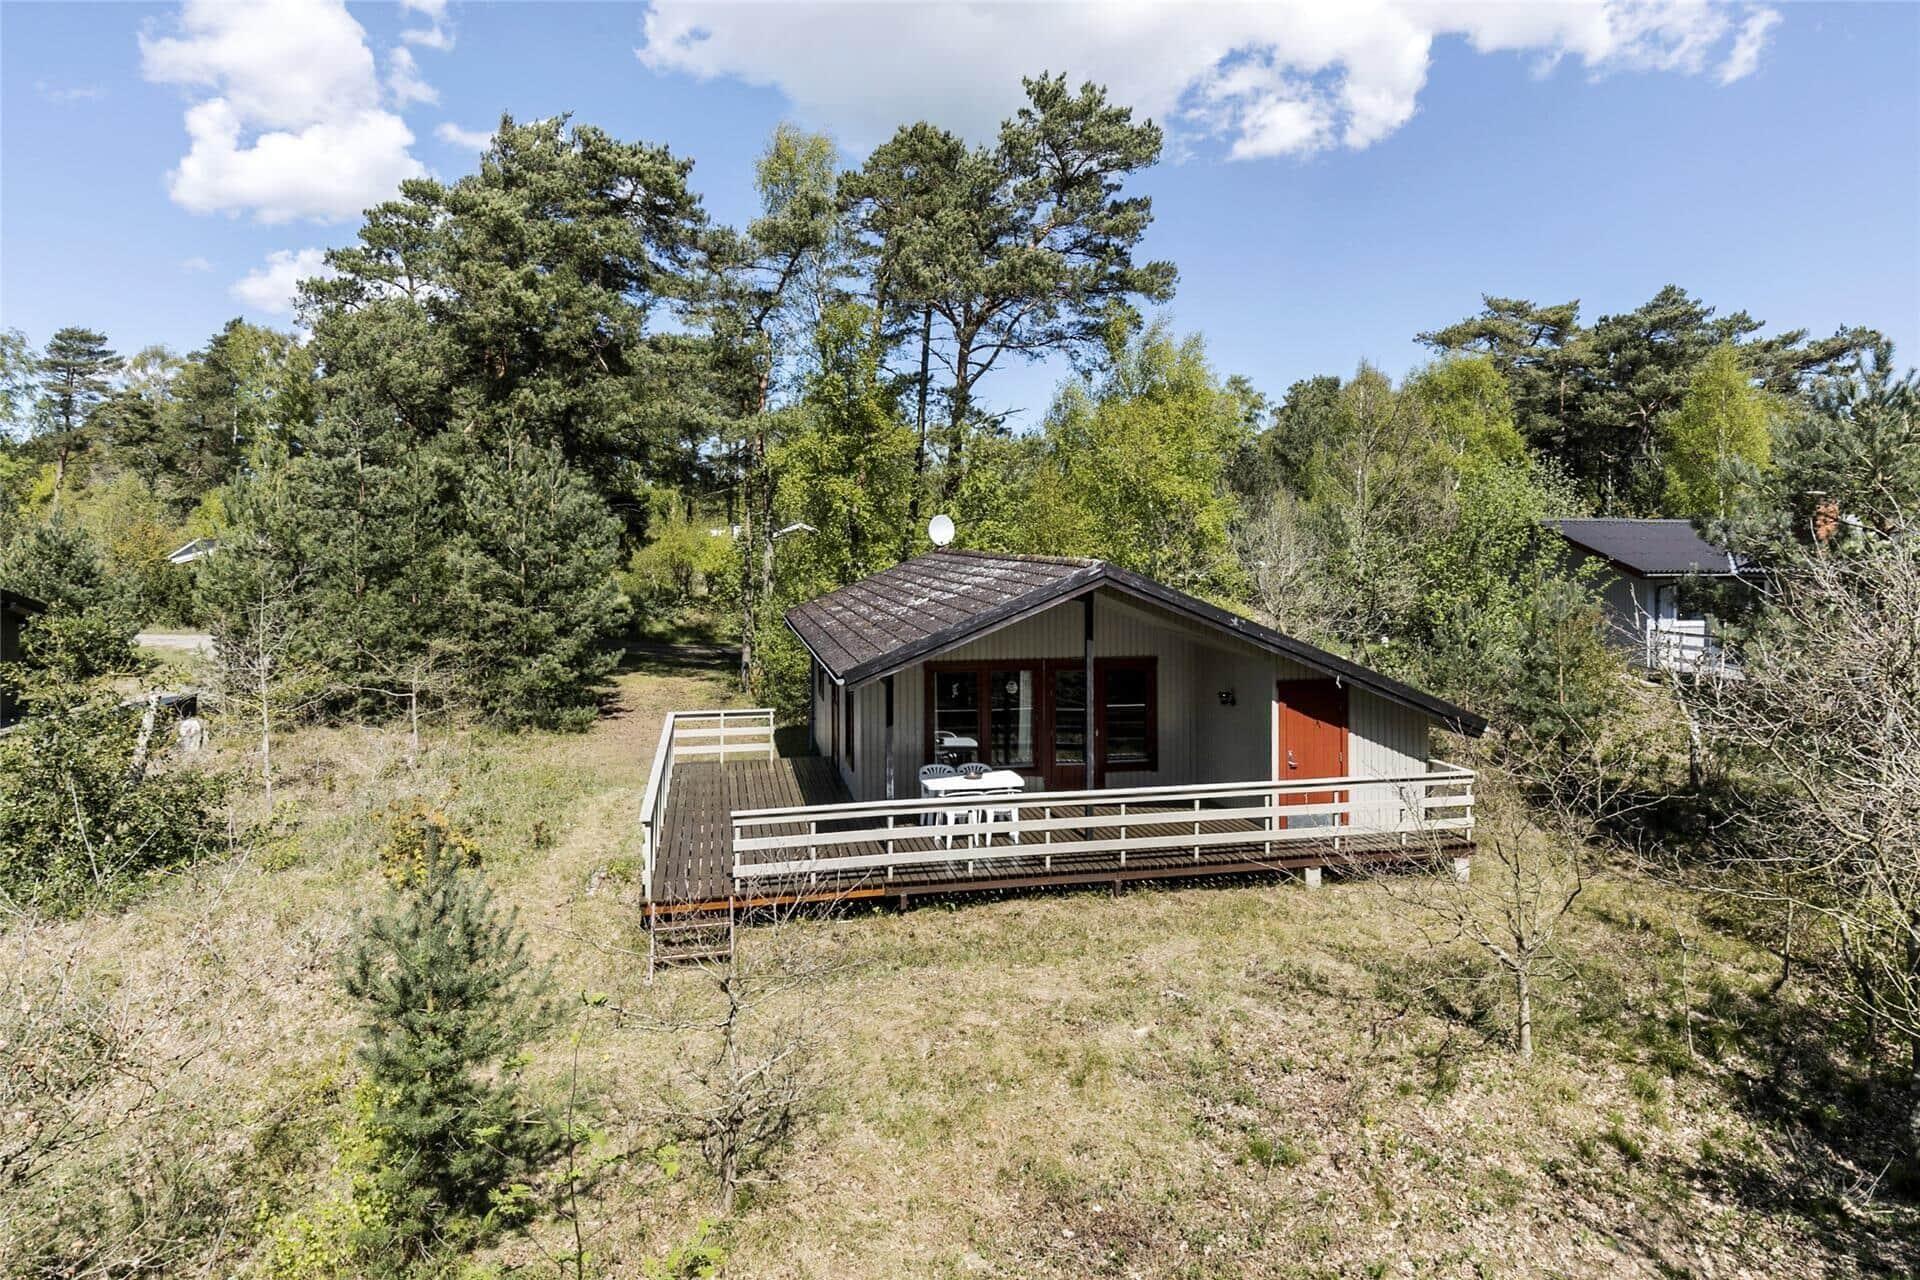 Afbeelding 1-10 Vakantiehuis 1322, Malurtvej 10, DK - 3720 Aakirkeby